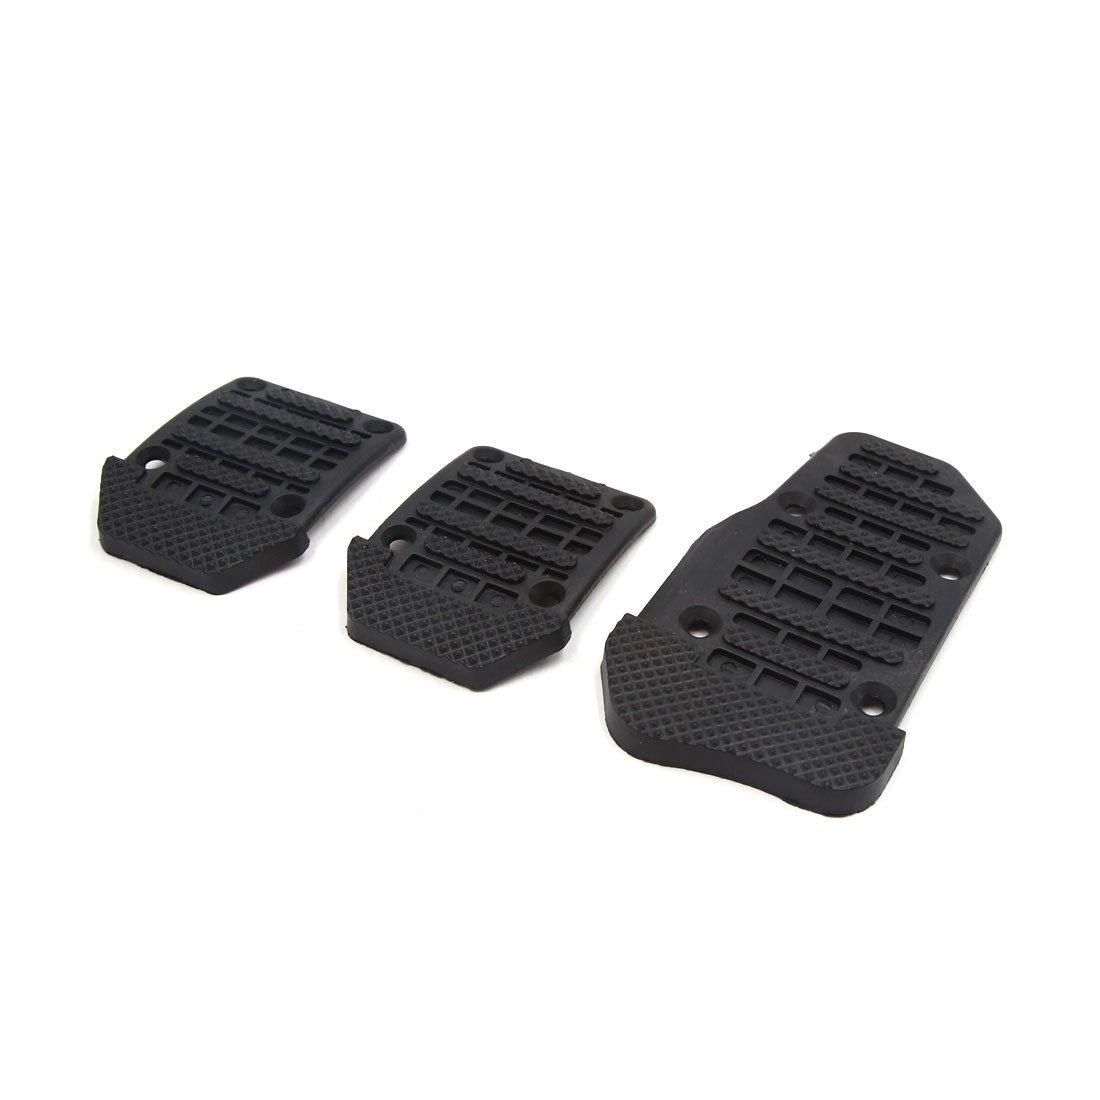 sourcing map 3uds Conjunto Plástico Negro Antideslizante Tapa Pedal Acelerador Embrague Freno para Vehículo Manual: Amazon.es: Coche y moto